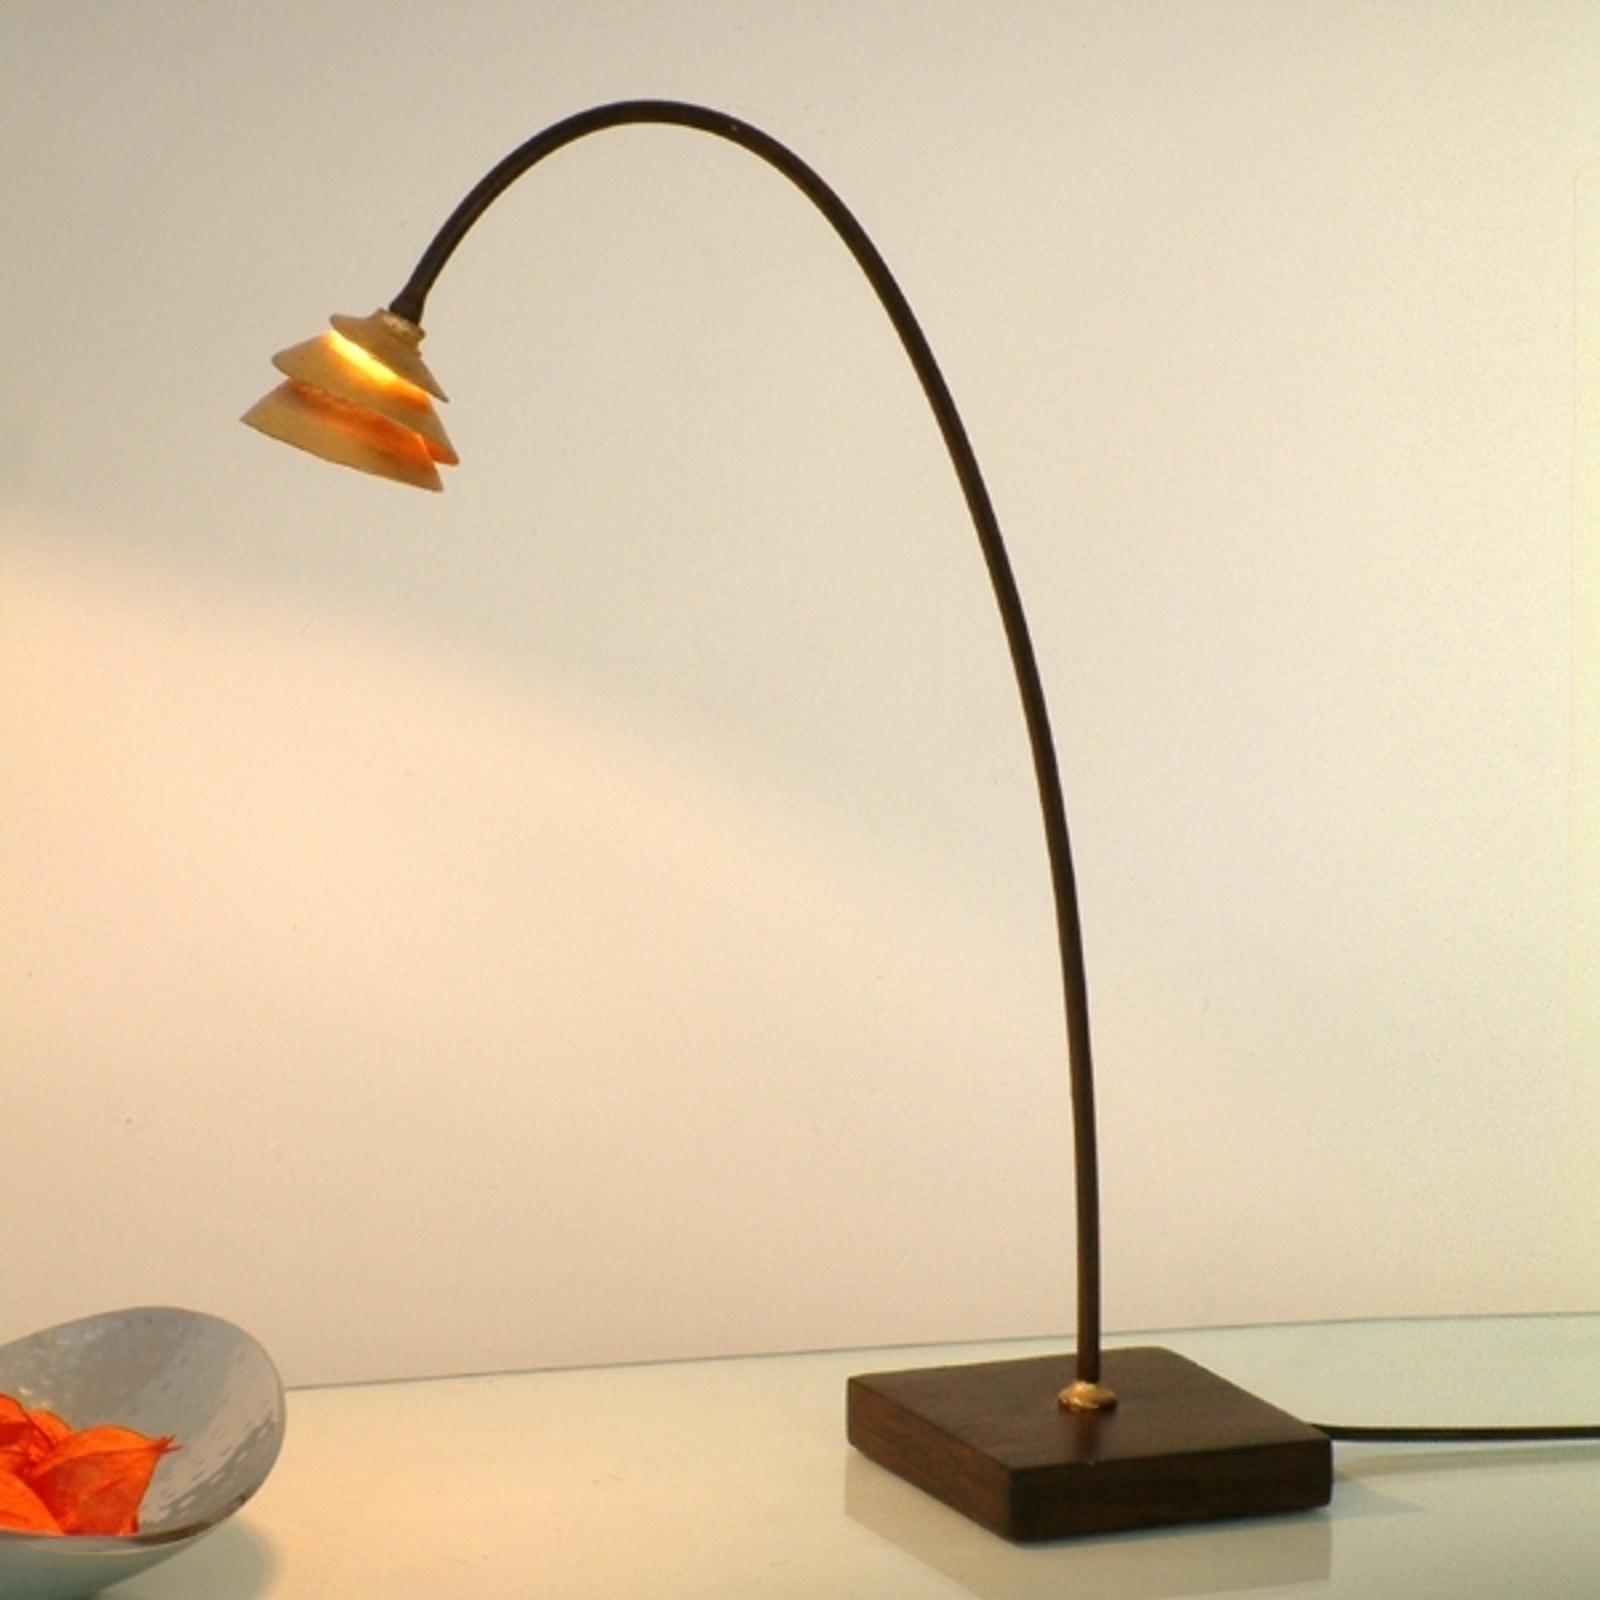 Élégante lampe à poser SNAIL en fer, brun et doré